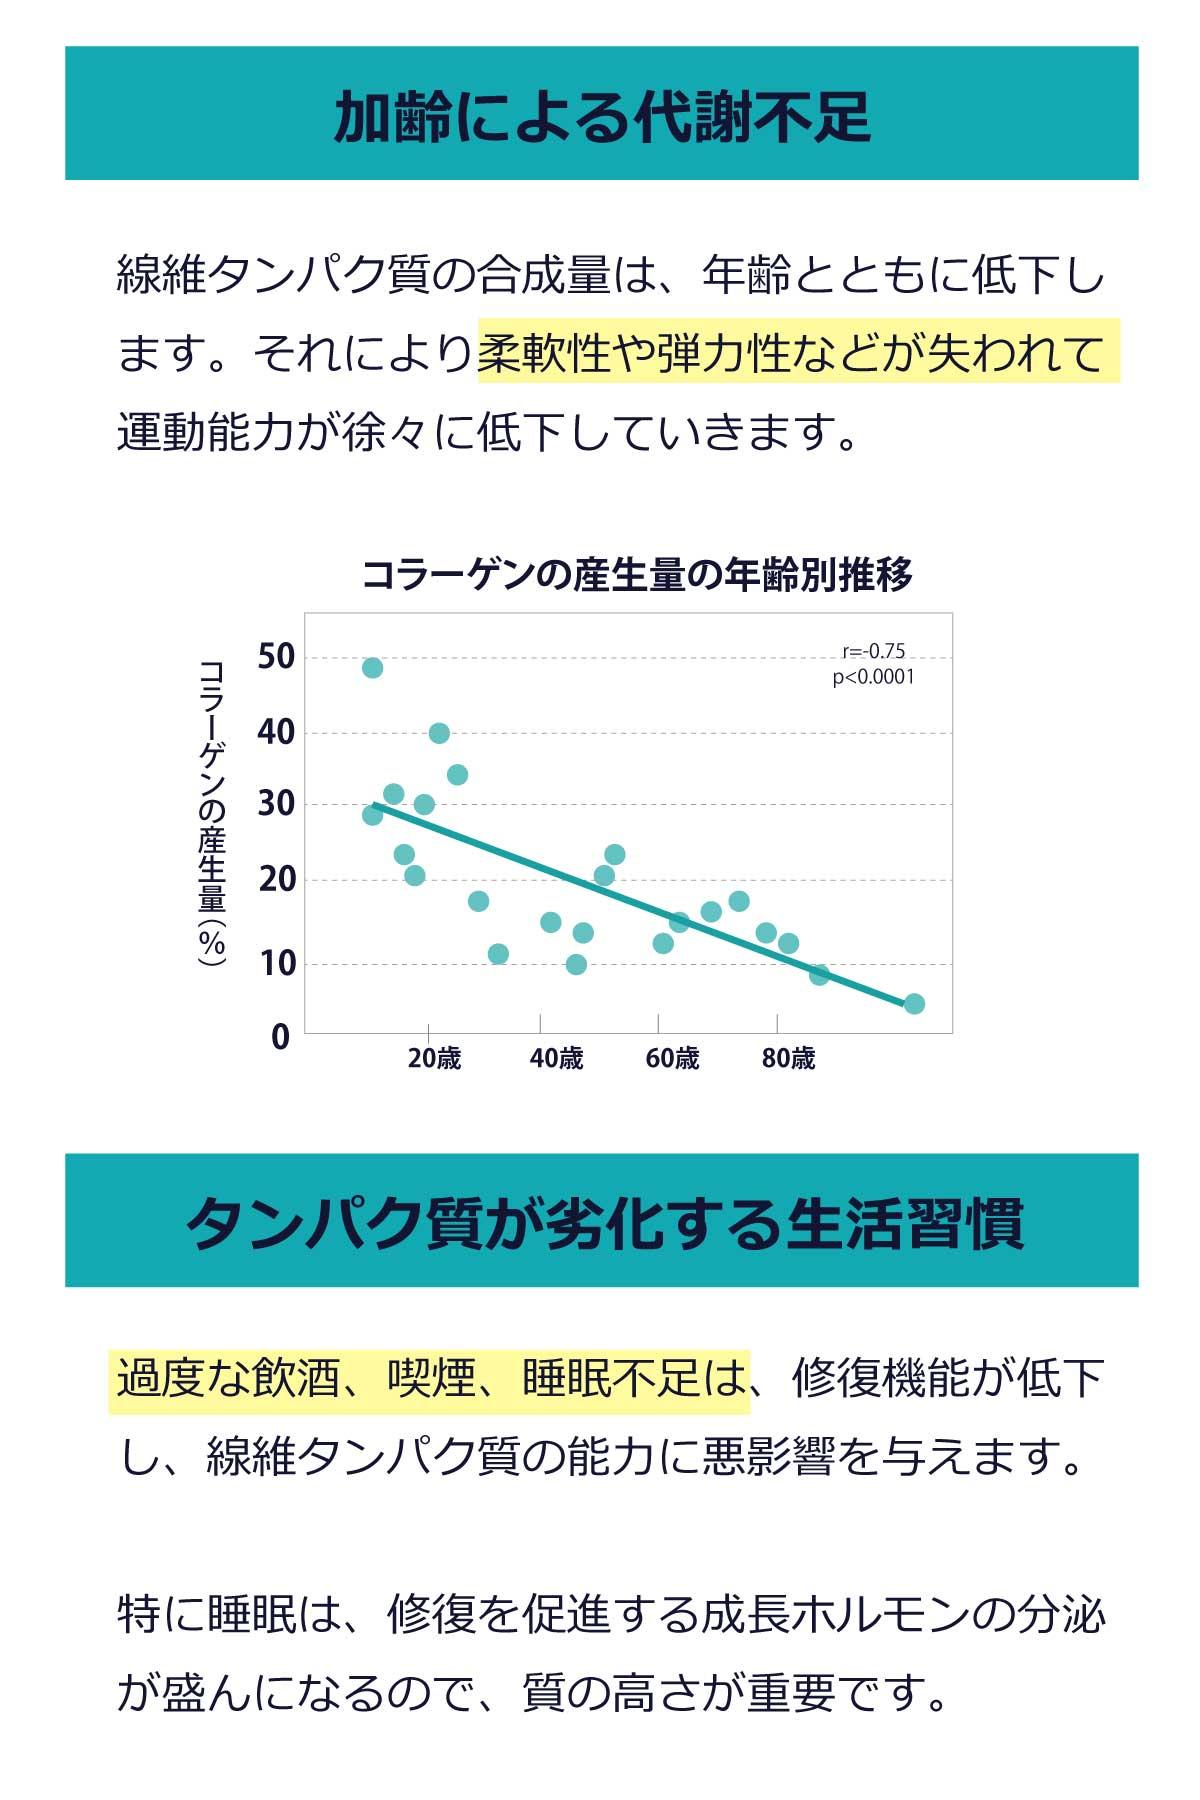 加齢によるコラーゲン合成量の低下